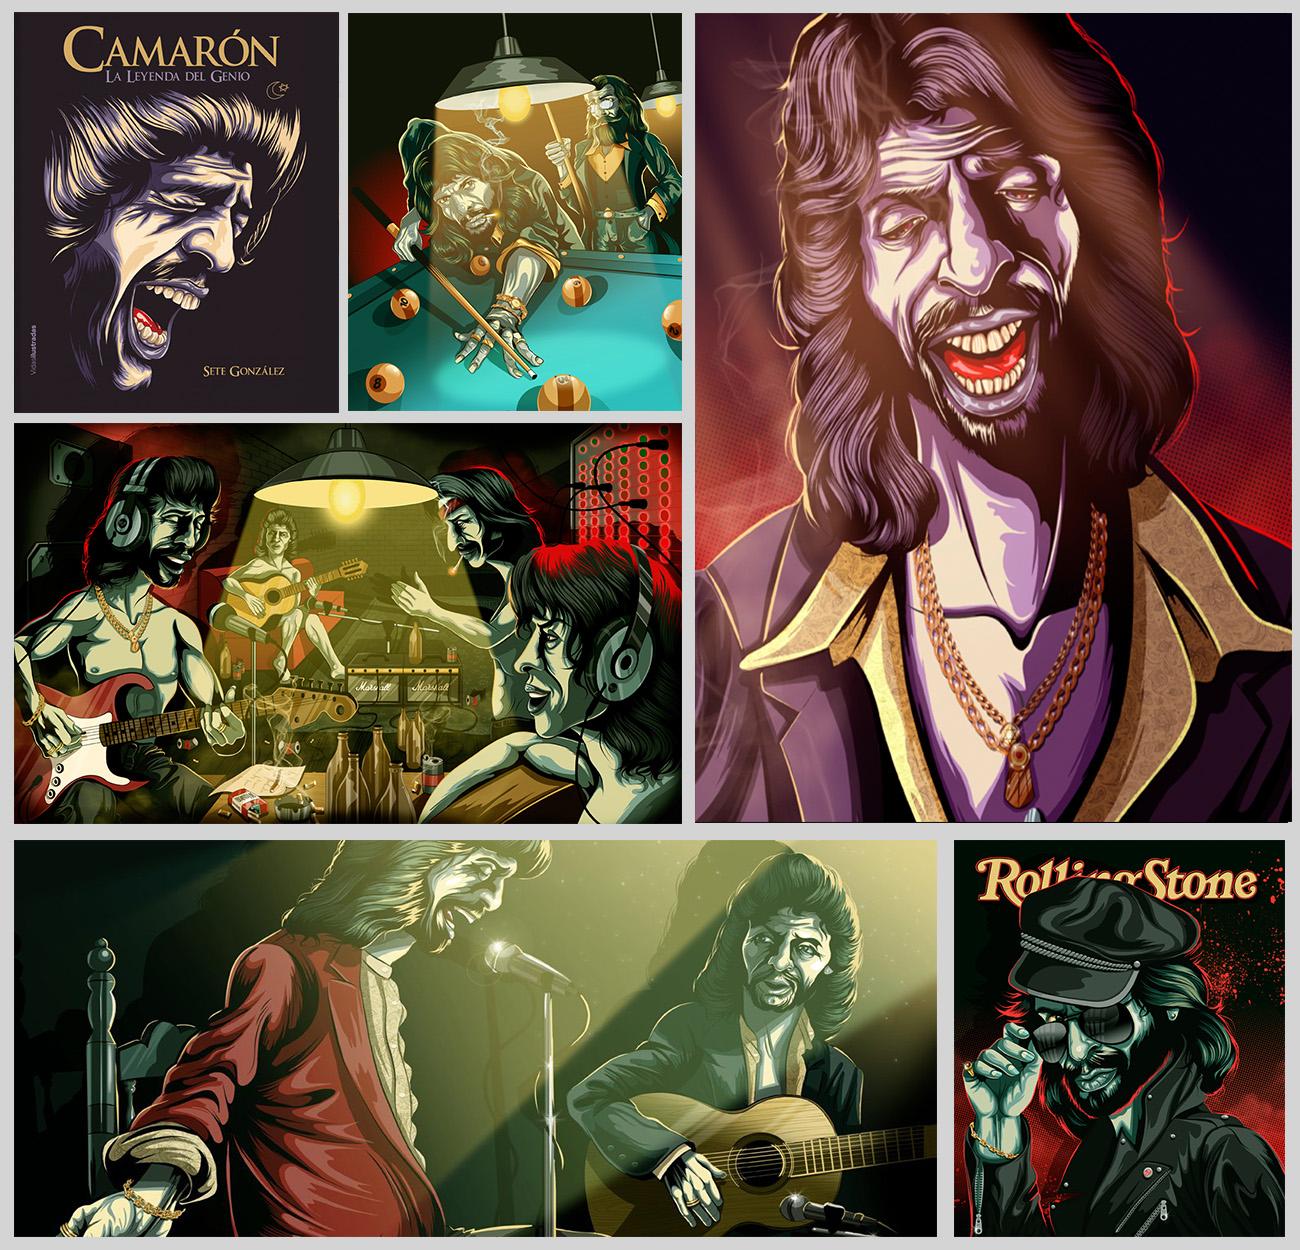 Ilustraciones de Sete González en su libro 'La leyenda del genio' (Lunwerg Editores).